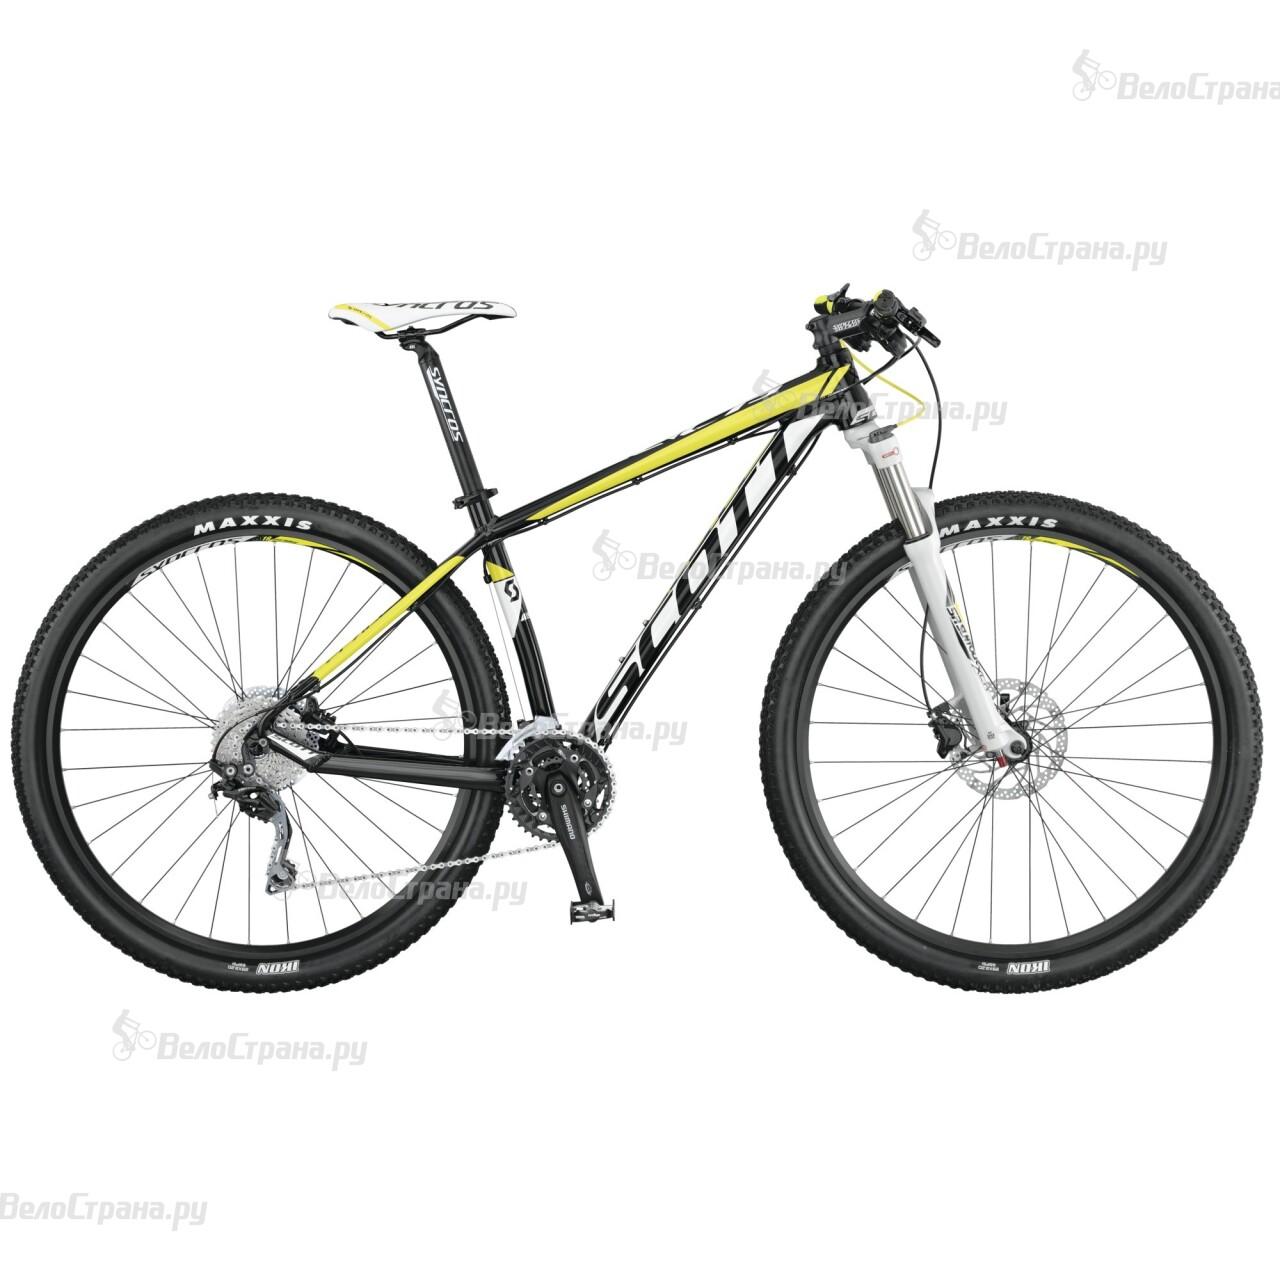 Велосипед Scott Scale 970 (2015) цена